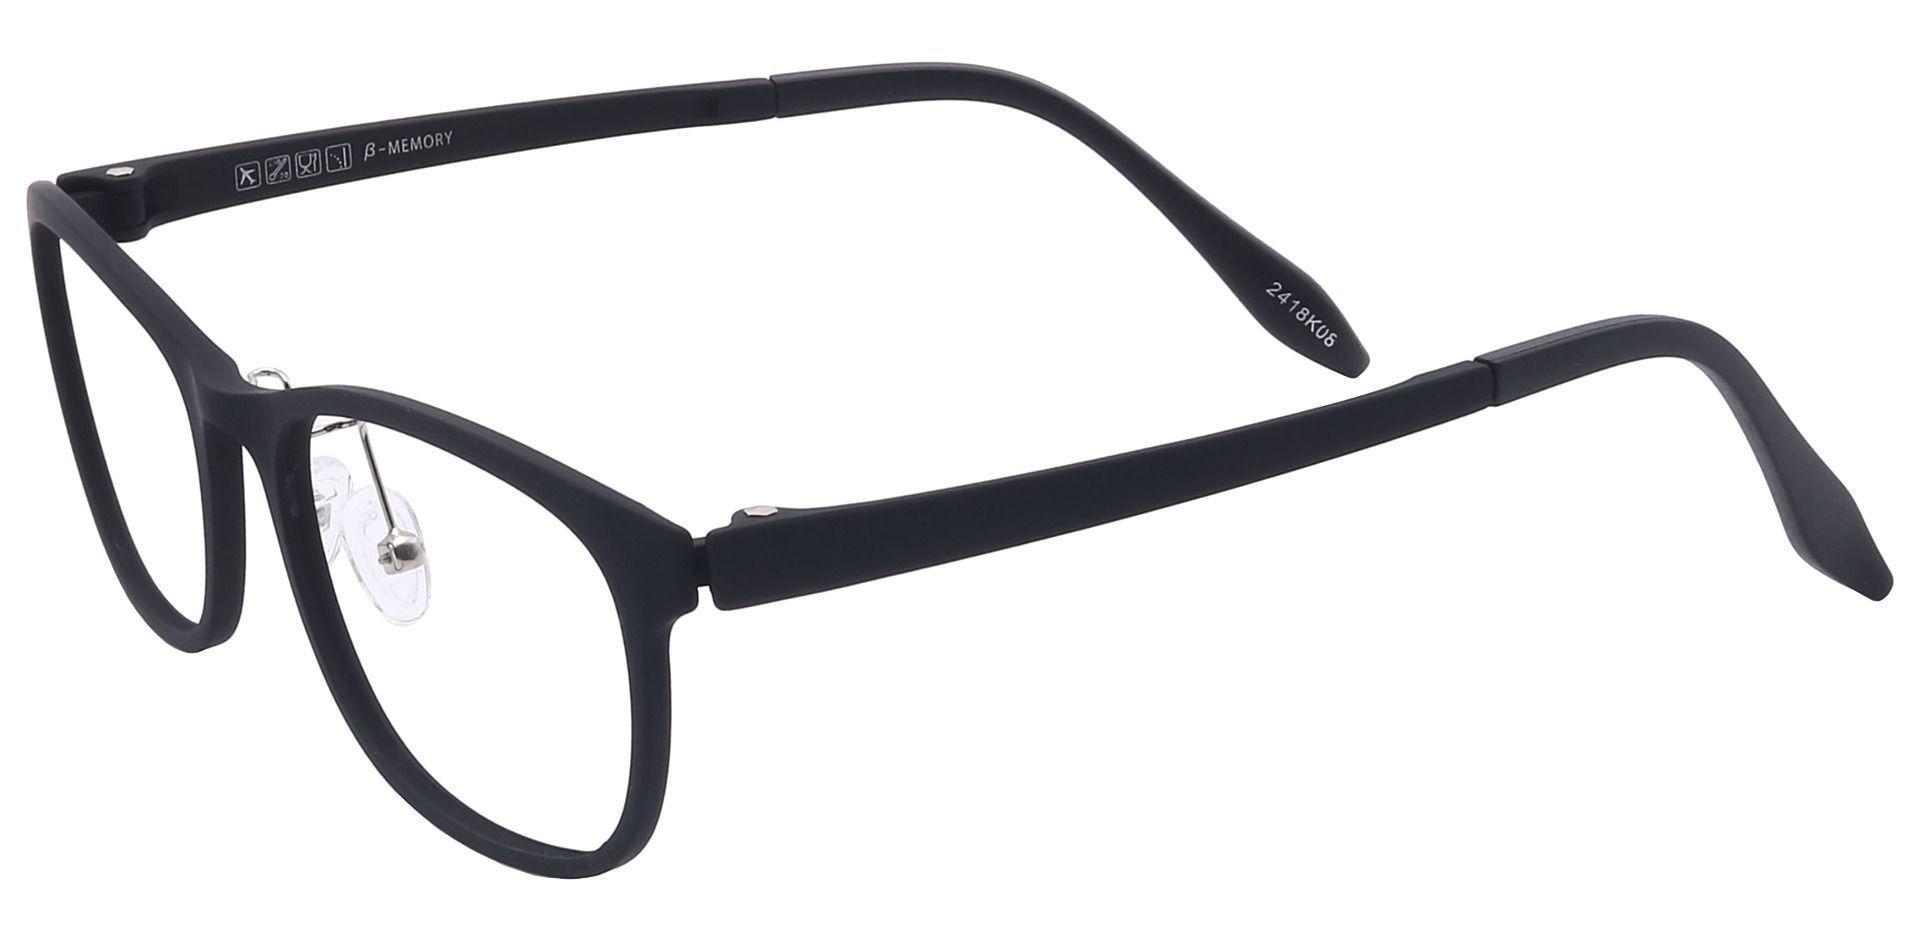 Tori Oval Non-Rx Glasses - Black